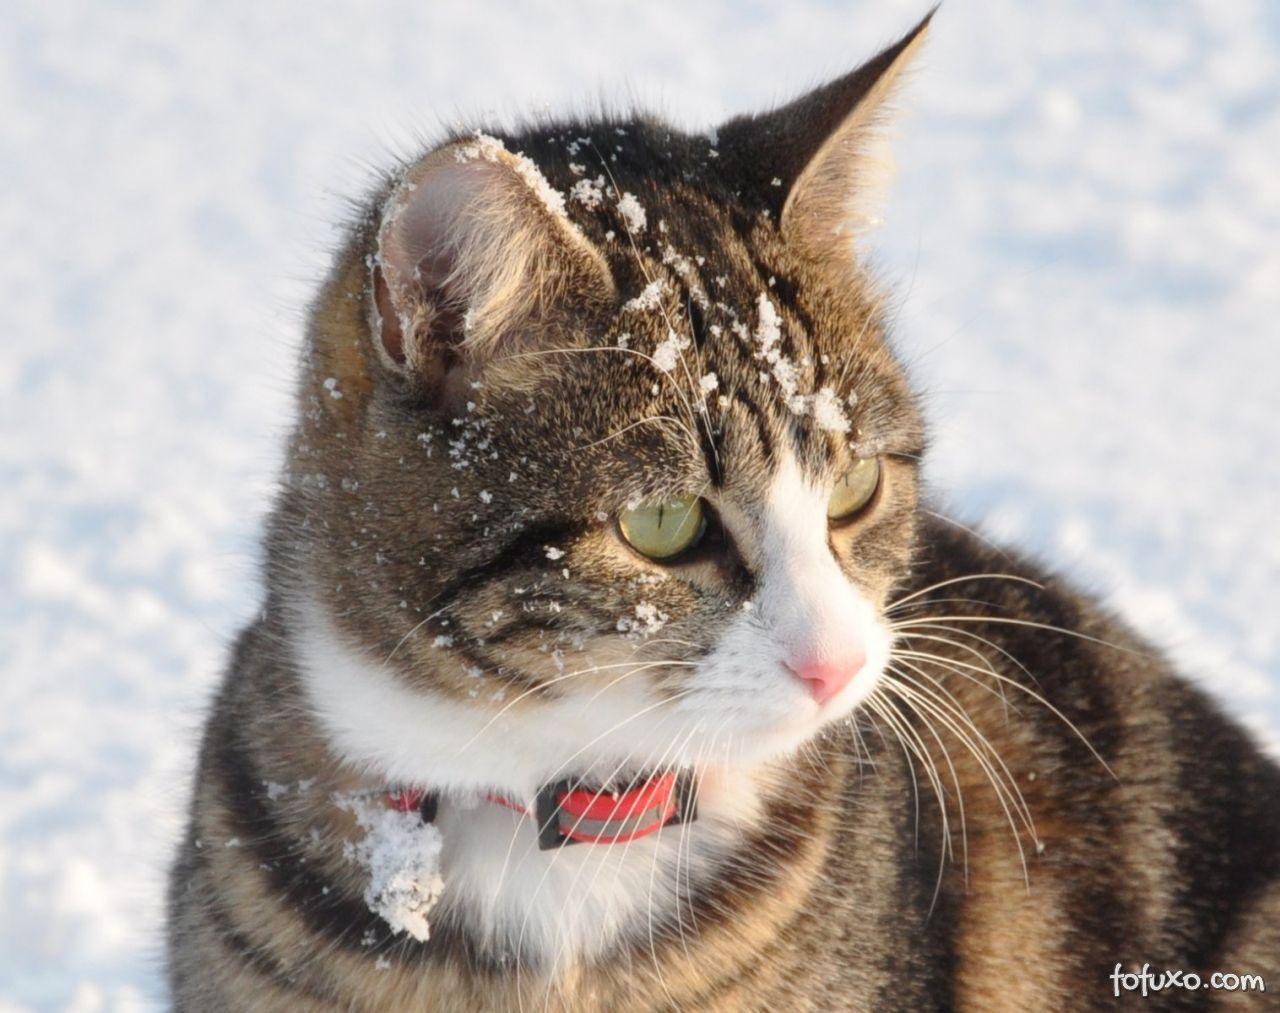 Gatos no inverno